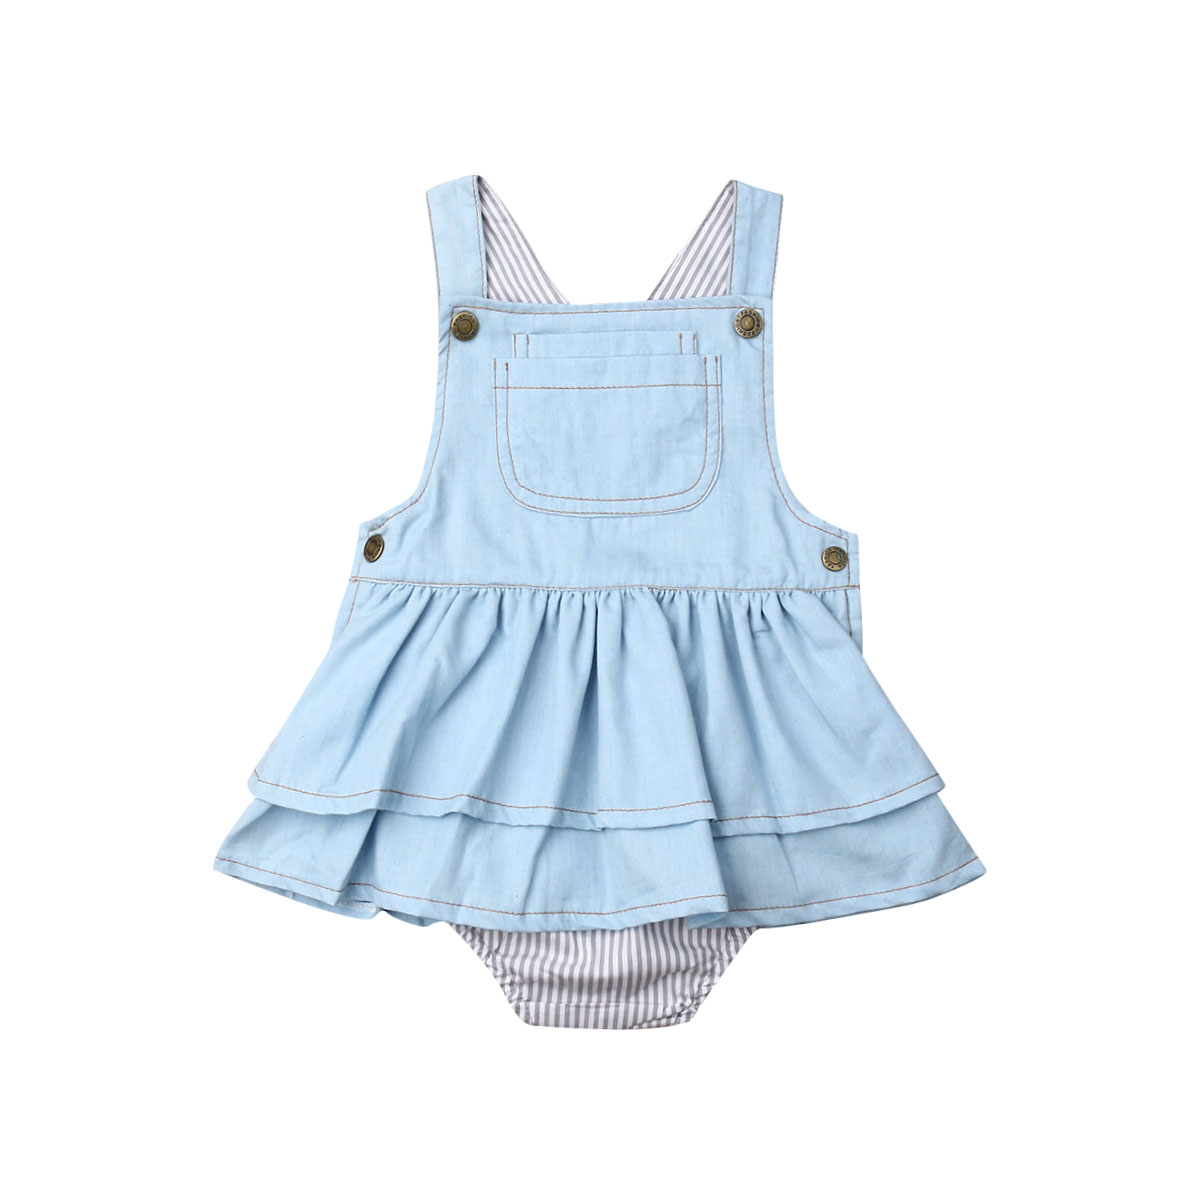 0-4y verão infantil crianças bebê meninas suspender denim macacão azul sem mangas listrado bodysuit outfits